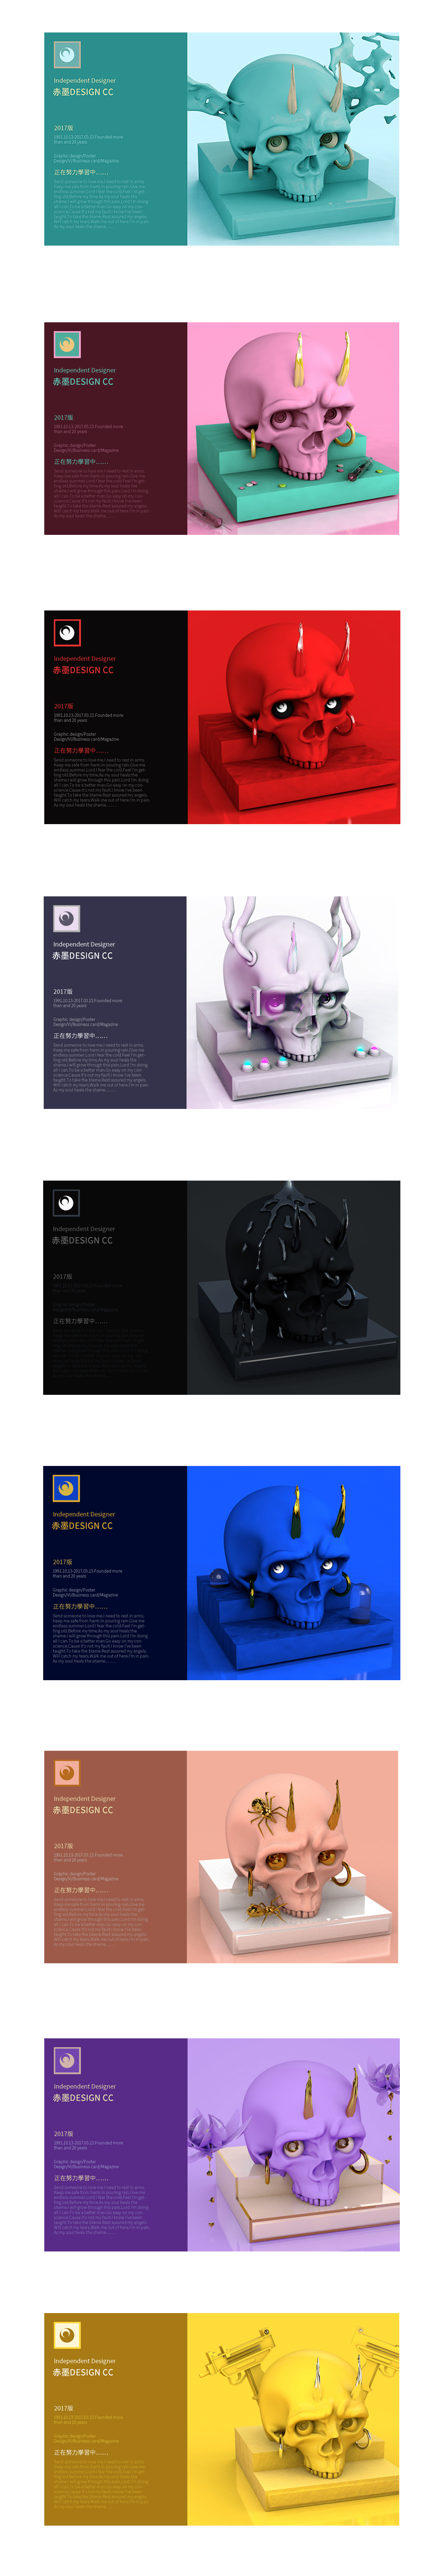 查看《CHIMO/LOGO主题延伸设计【C4D练习】》原图,原图尺寸:800x4604